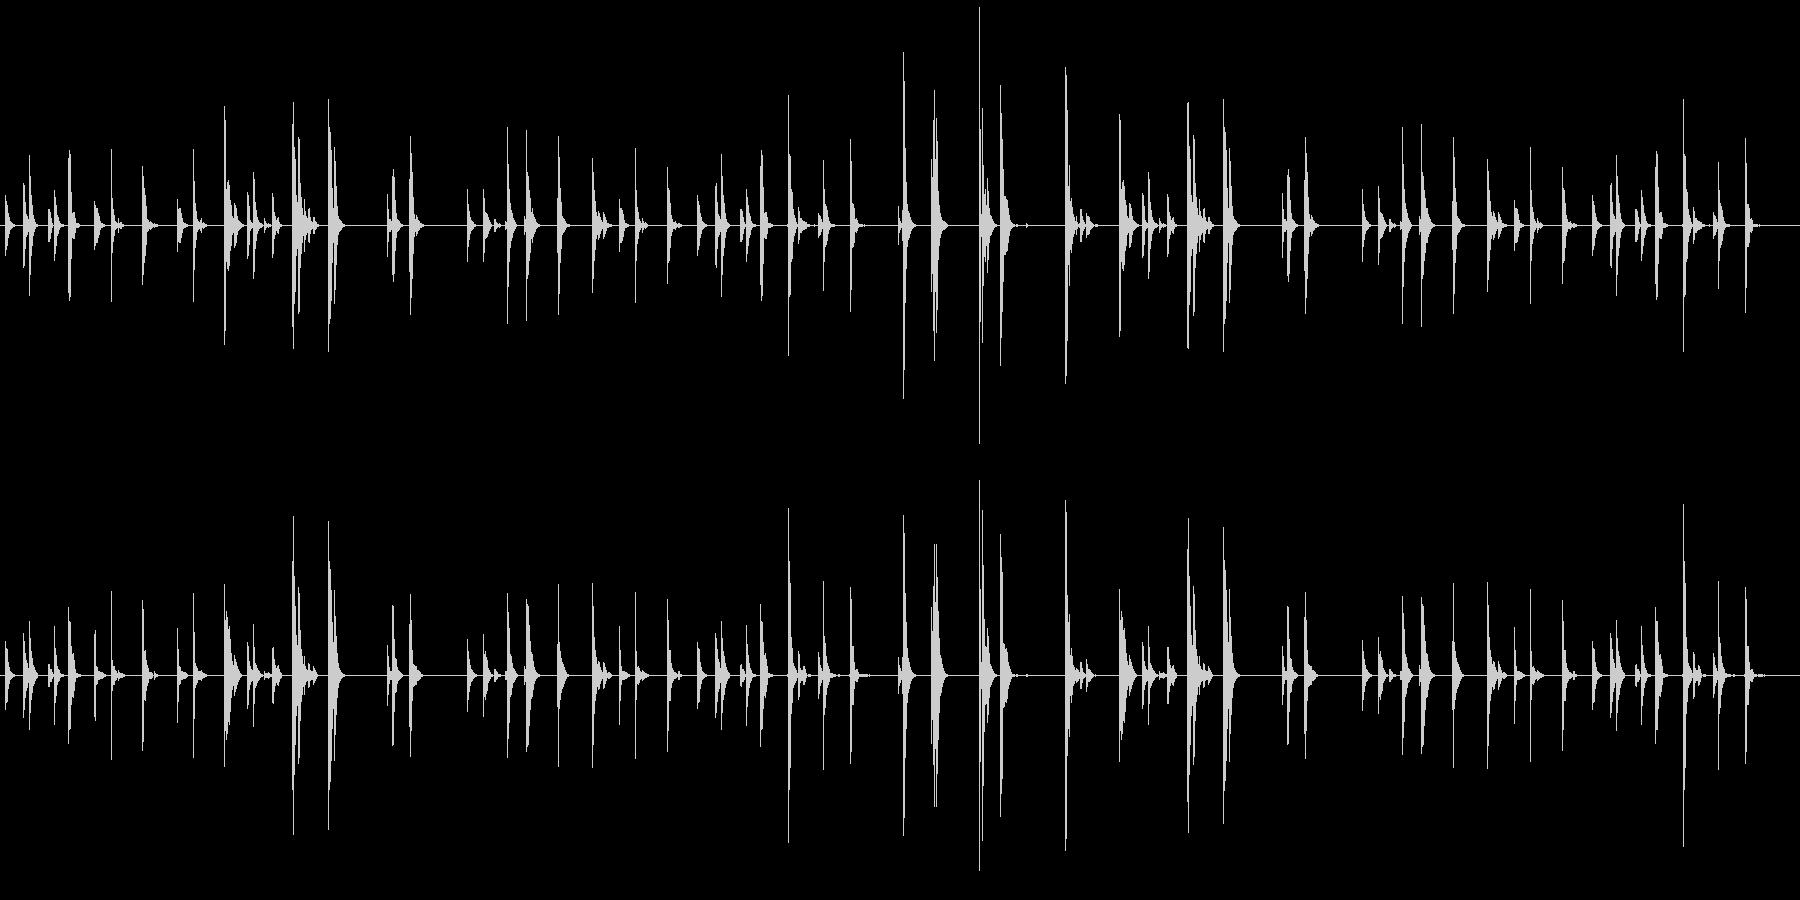 チリン、チリーン 夏の音の未再生の波形